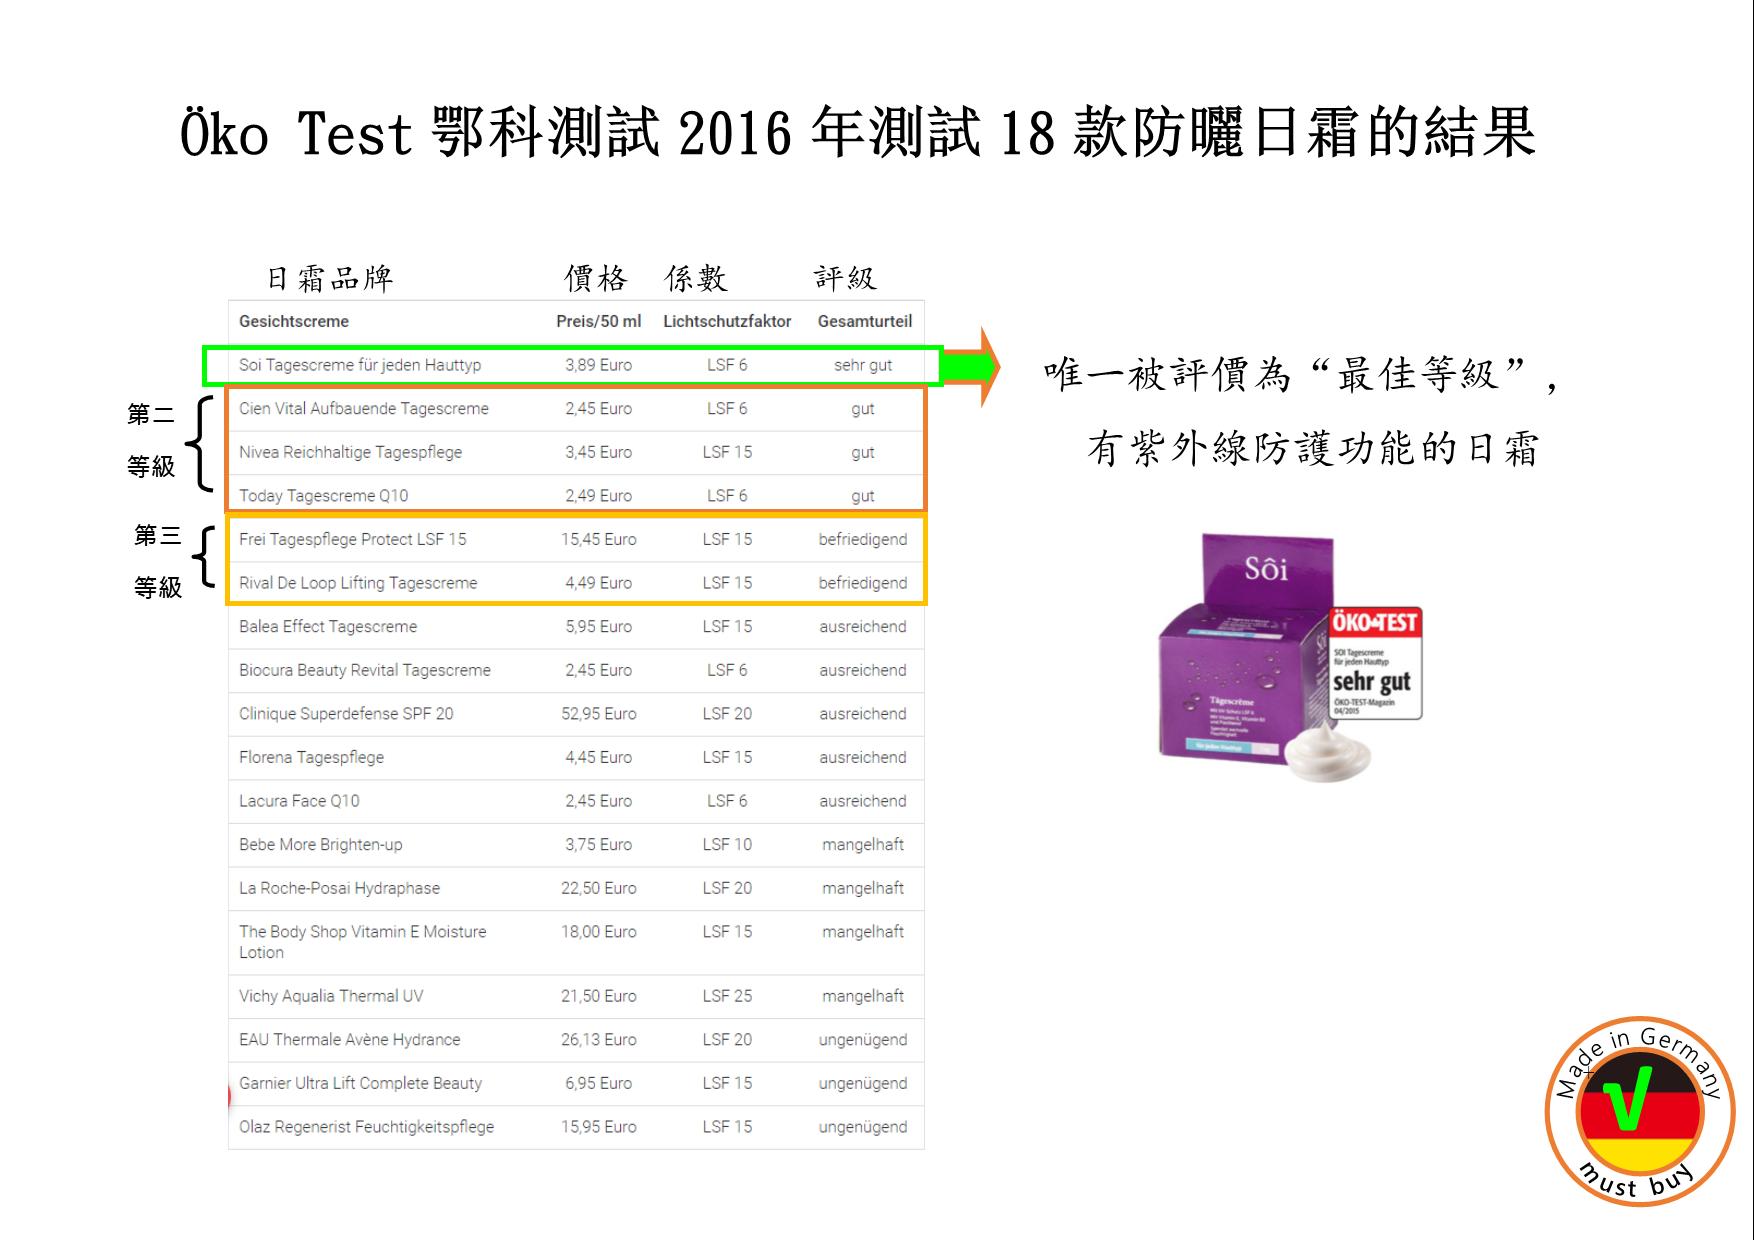 德國權威測試機構 Öko Test鄂科測試,在2016年對48款德國市場上的防曬日霜進行測試的結果列表